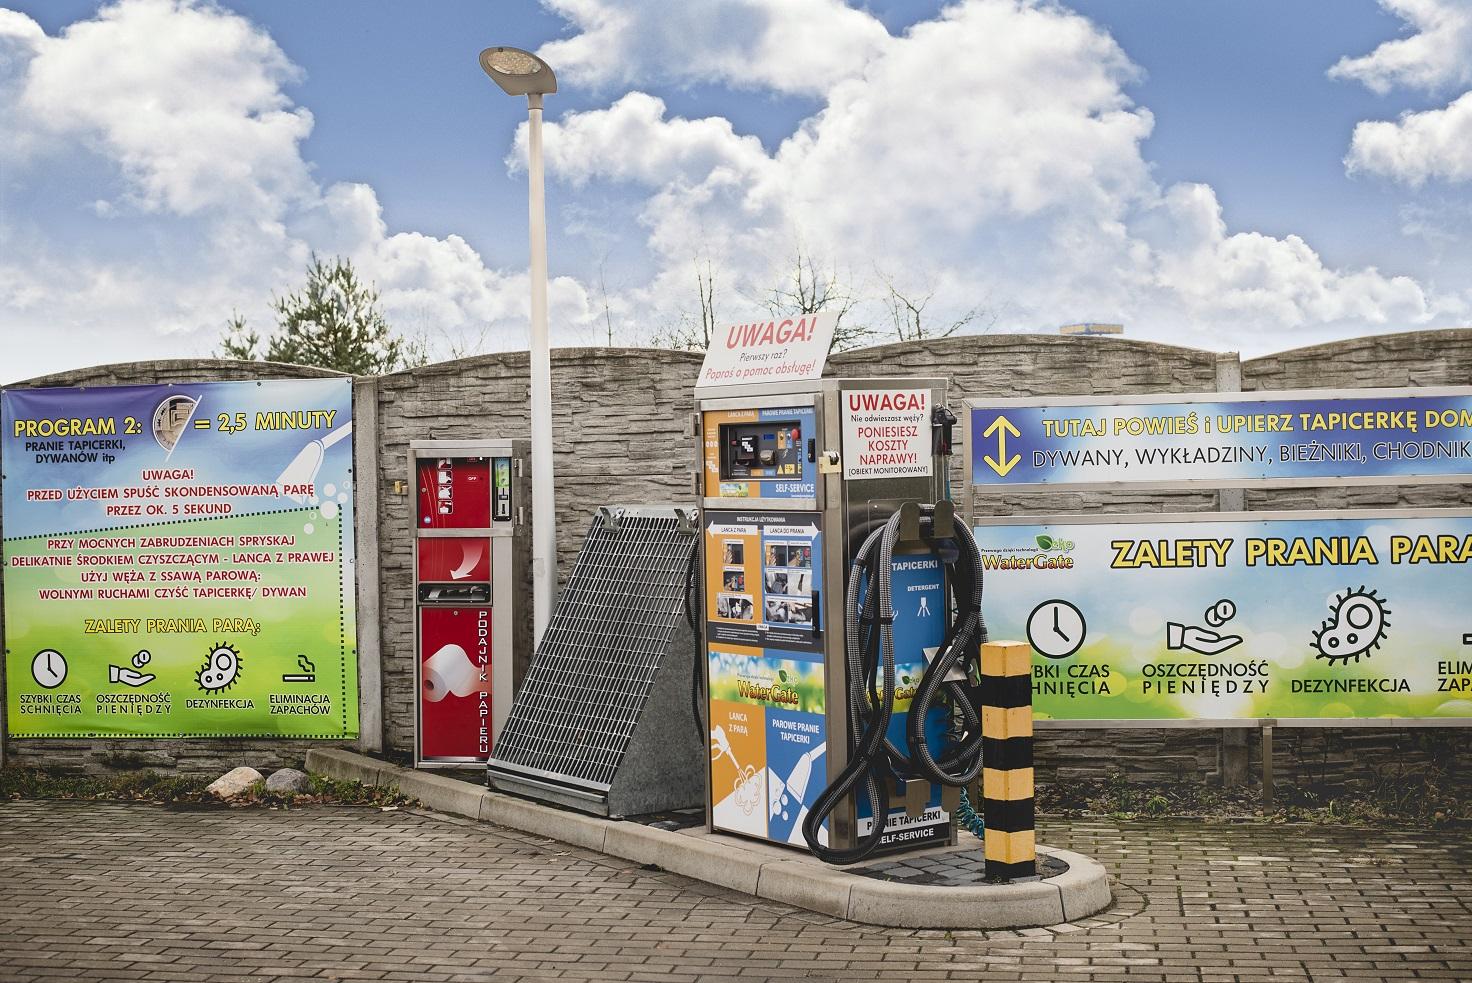 Nowe rozwiązanie Self-Service dla myjni samoobsługowej w Nysie